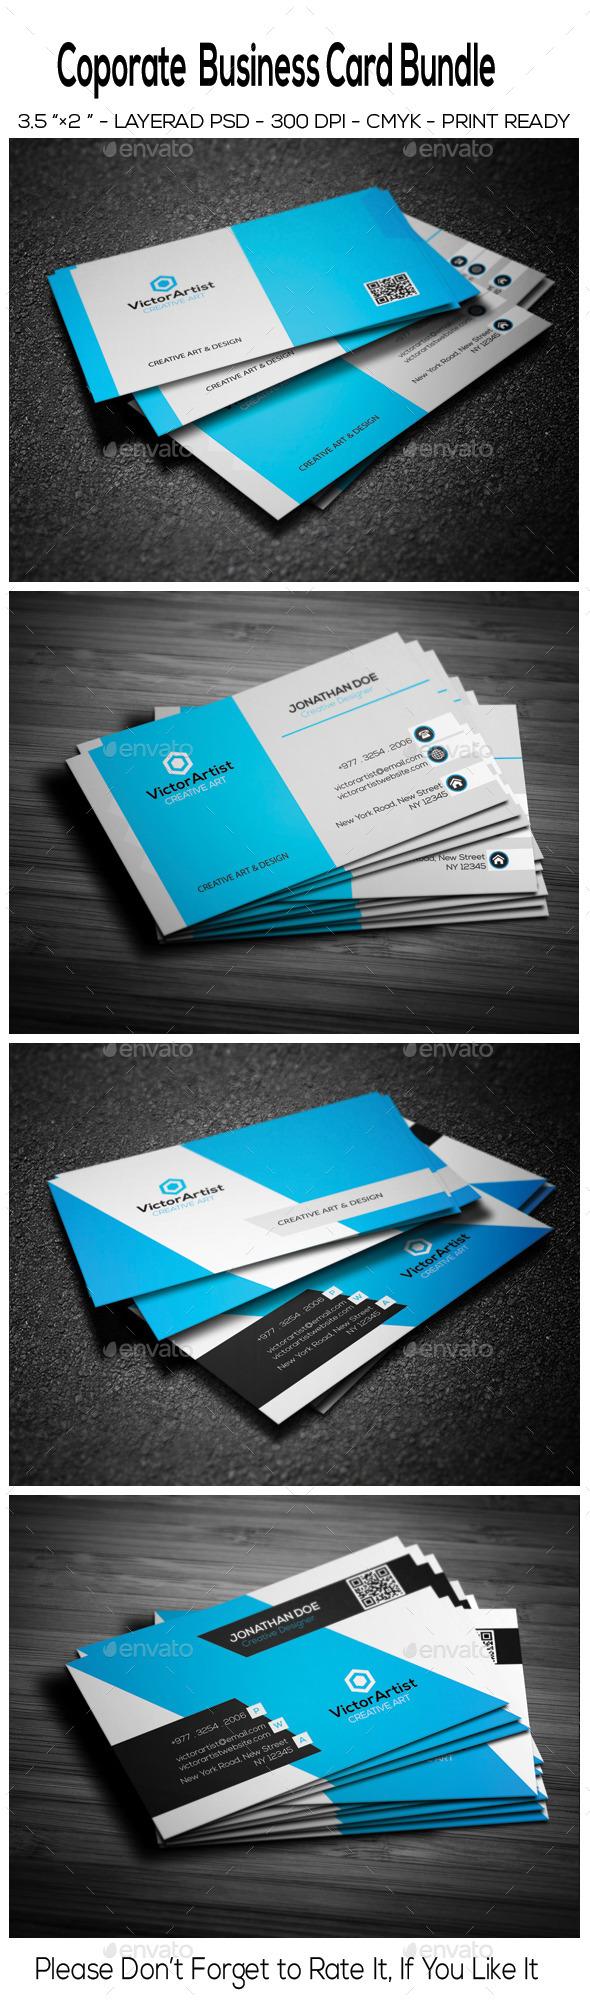 Corporate Business Card Bundle 01 - Corporate Business Cards